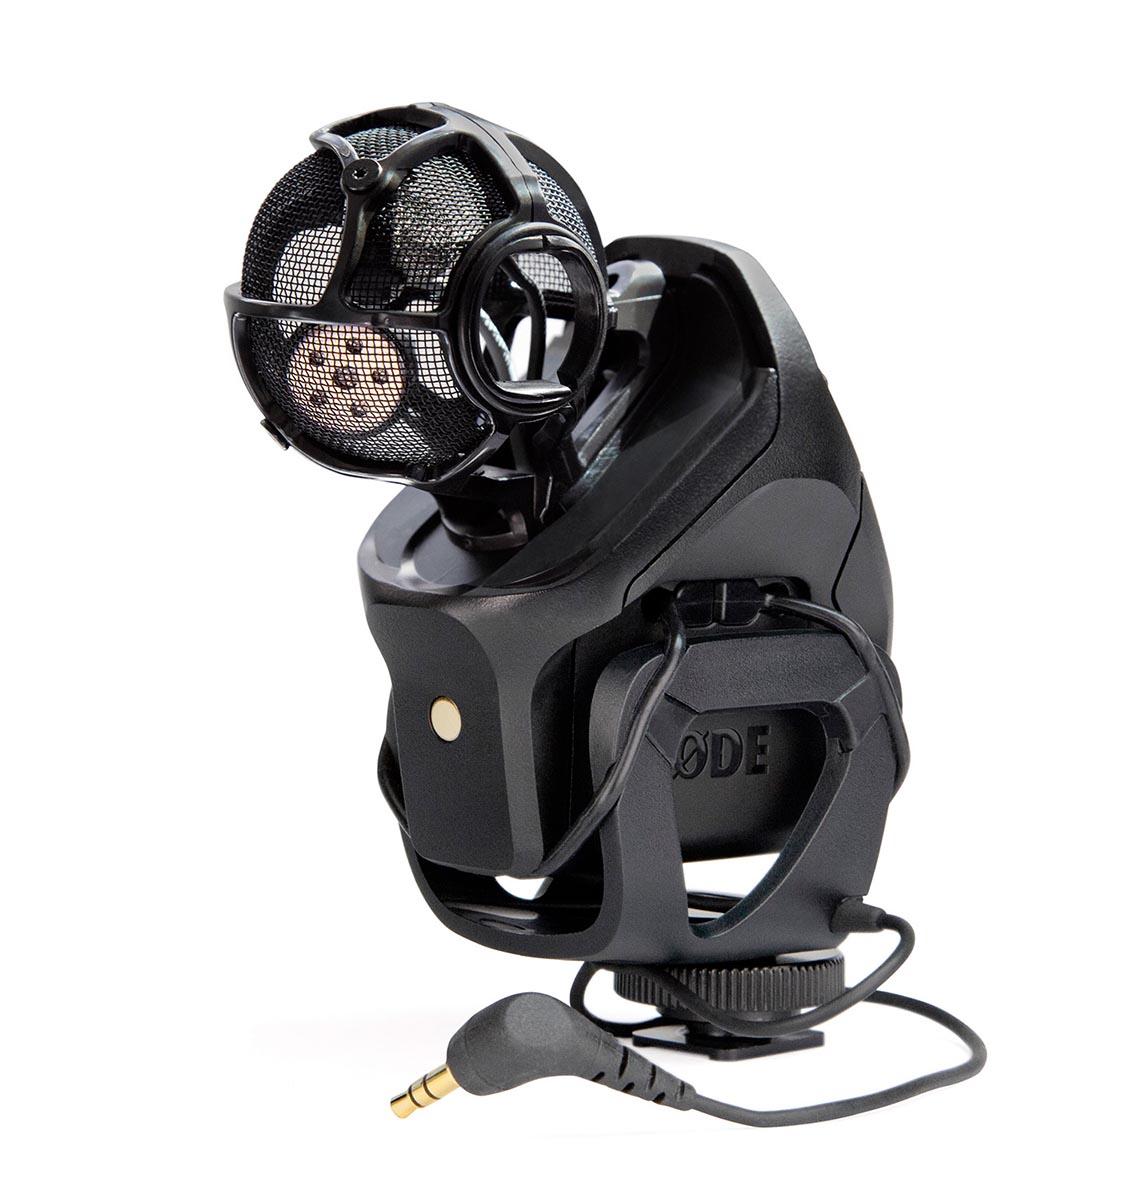 預購 RODE Stereo VideoMic Pro 電容式 麥克風 公司貨 MIC 防震 立體聲 心型指向 收音 視頻 5